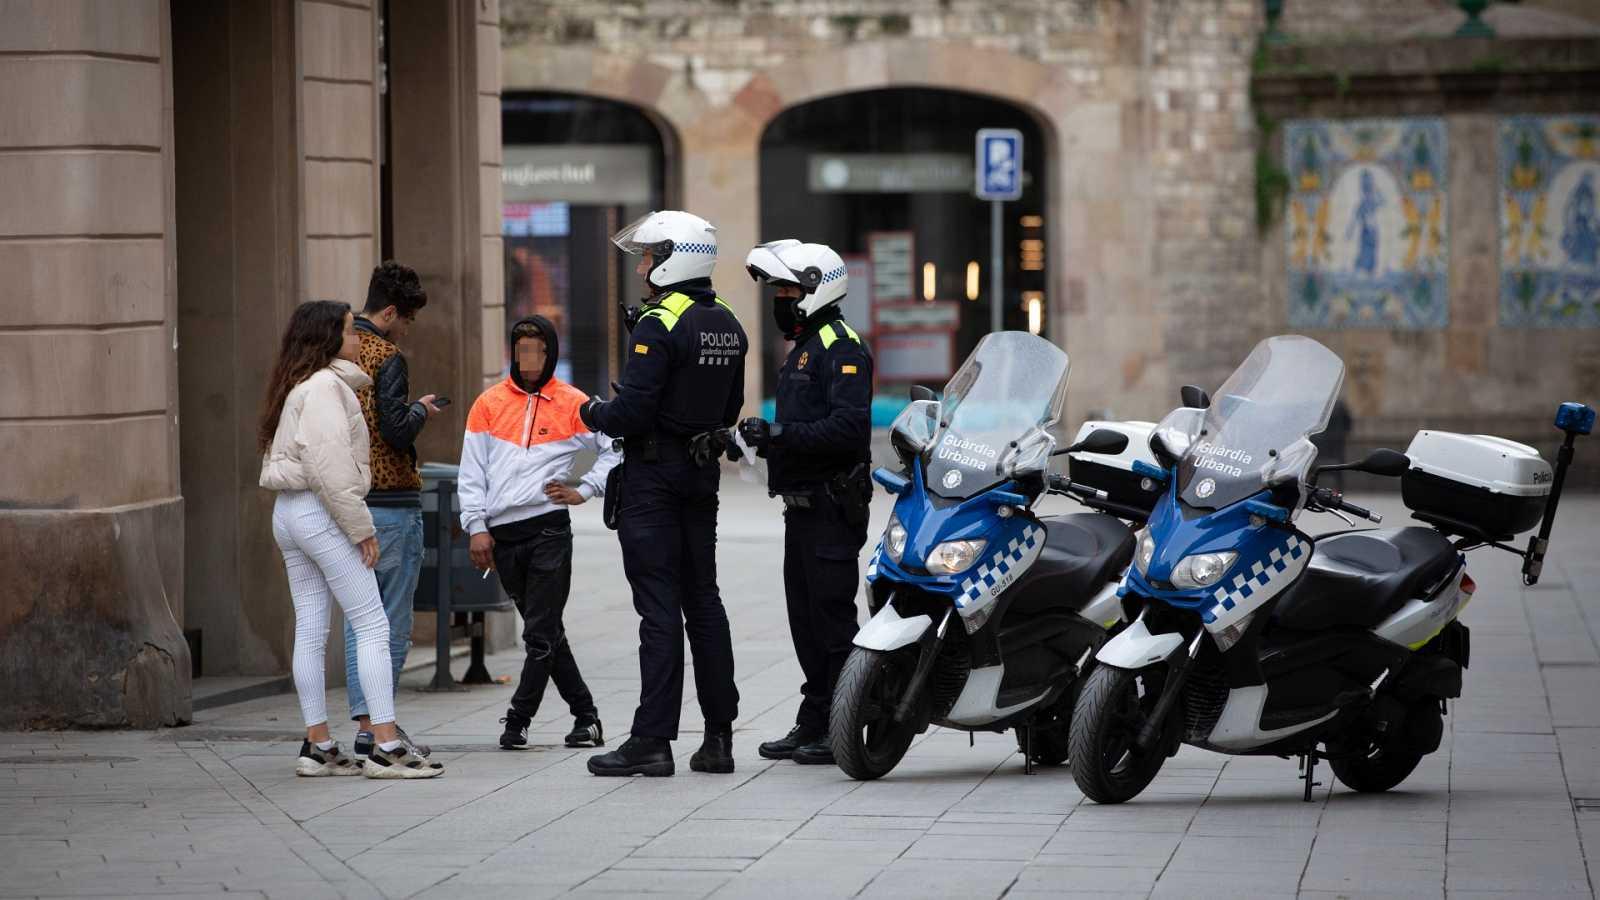 Un equipo de TVE acompaña a una patrulla de la Guardia Urbana por Barcelona para controlar las restricciones